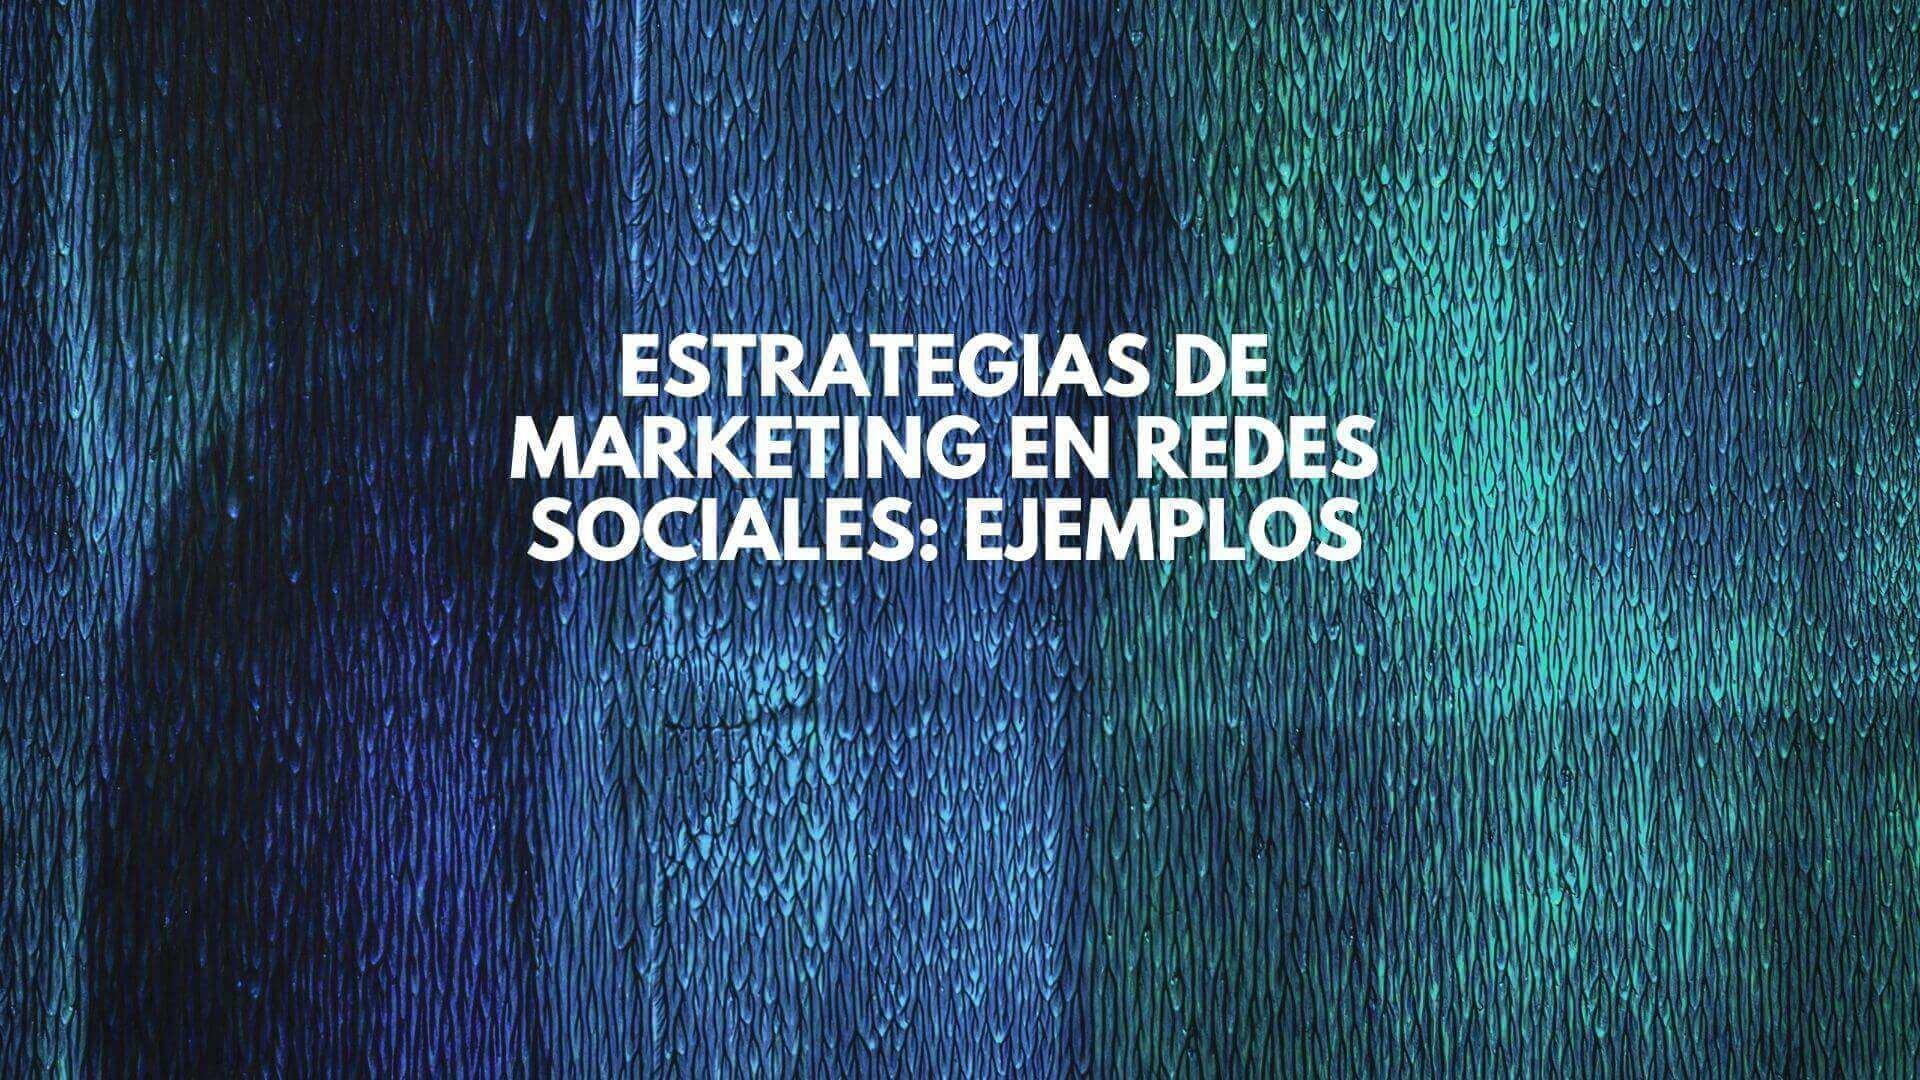 Estrategias de marketing en redes sociales: ejemplos